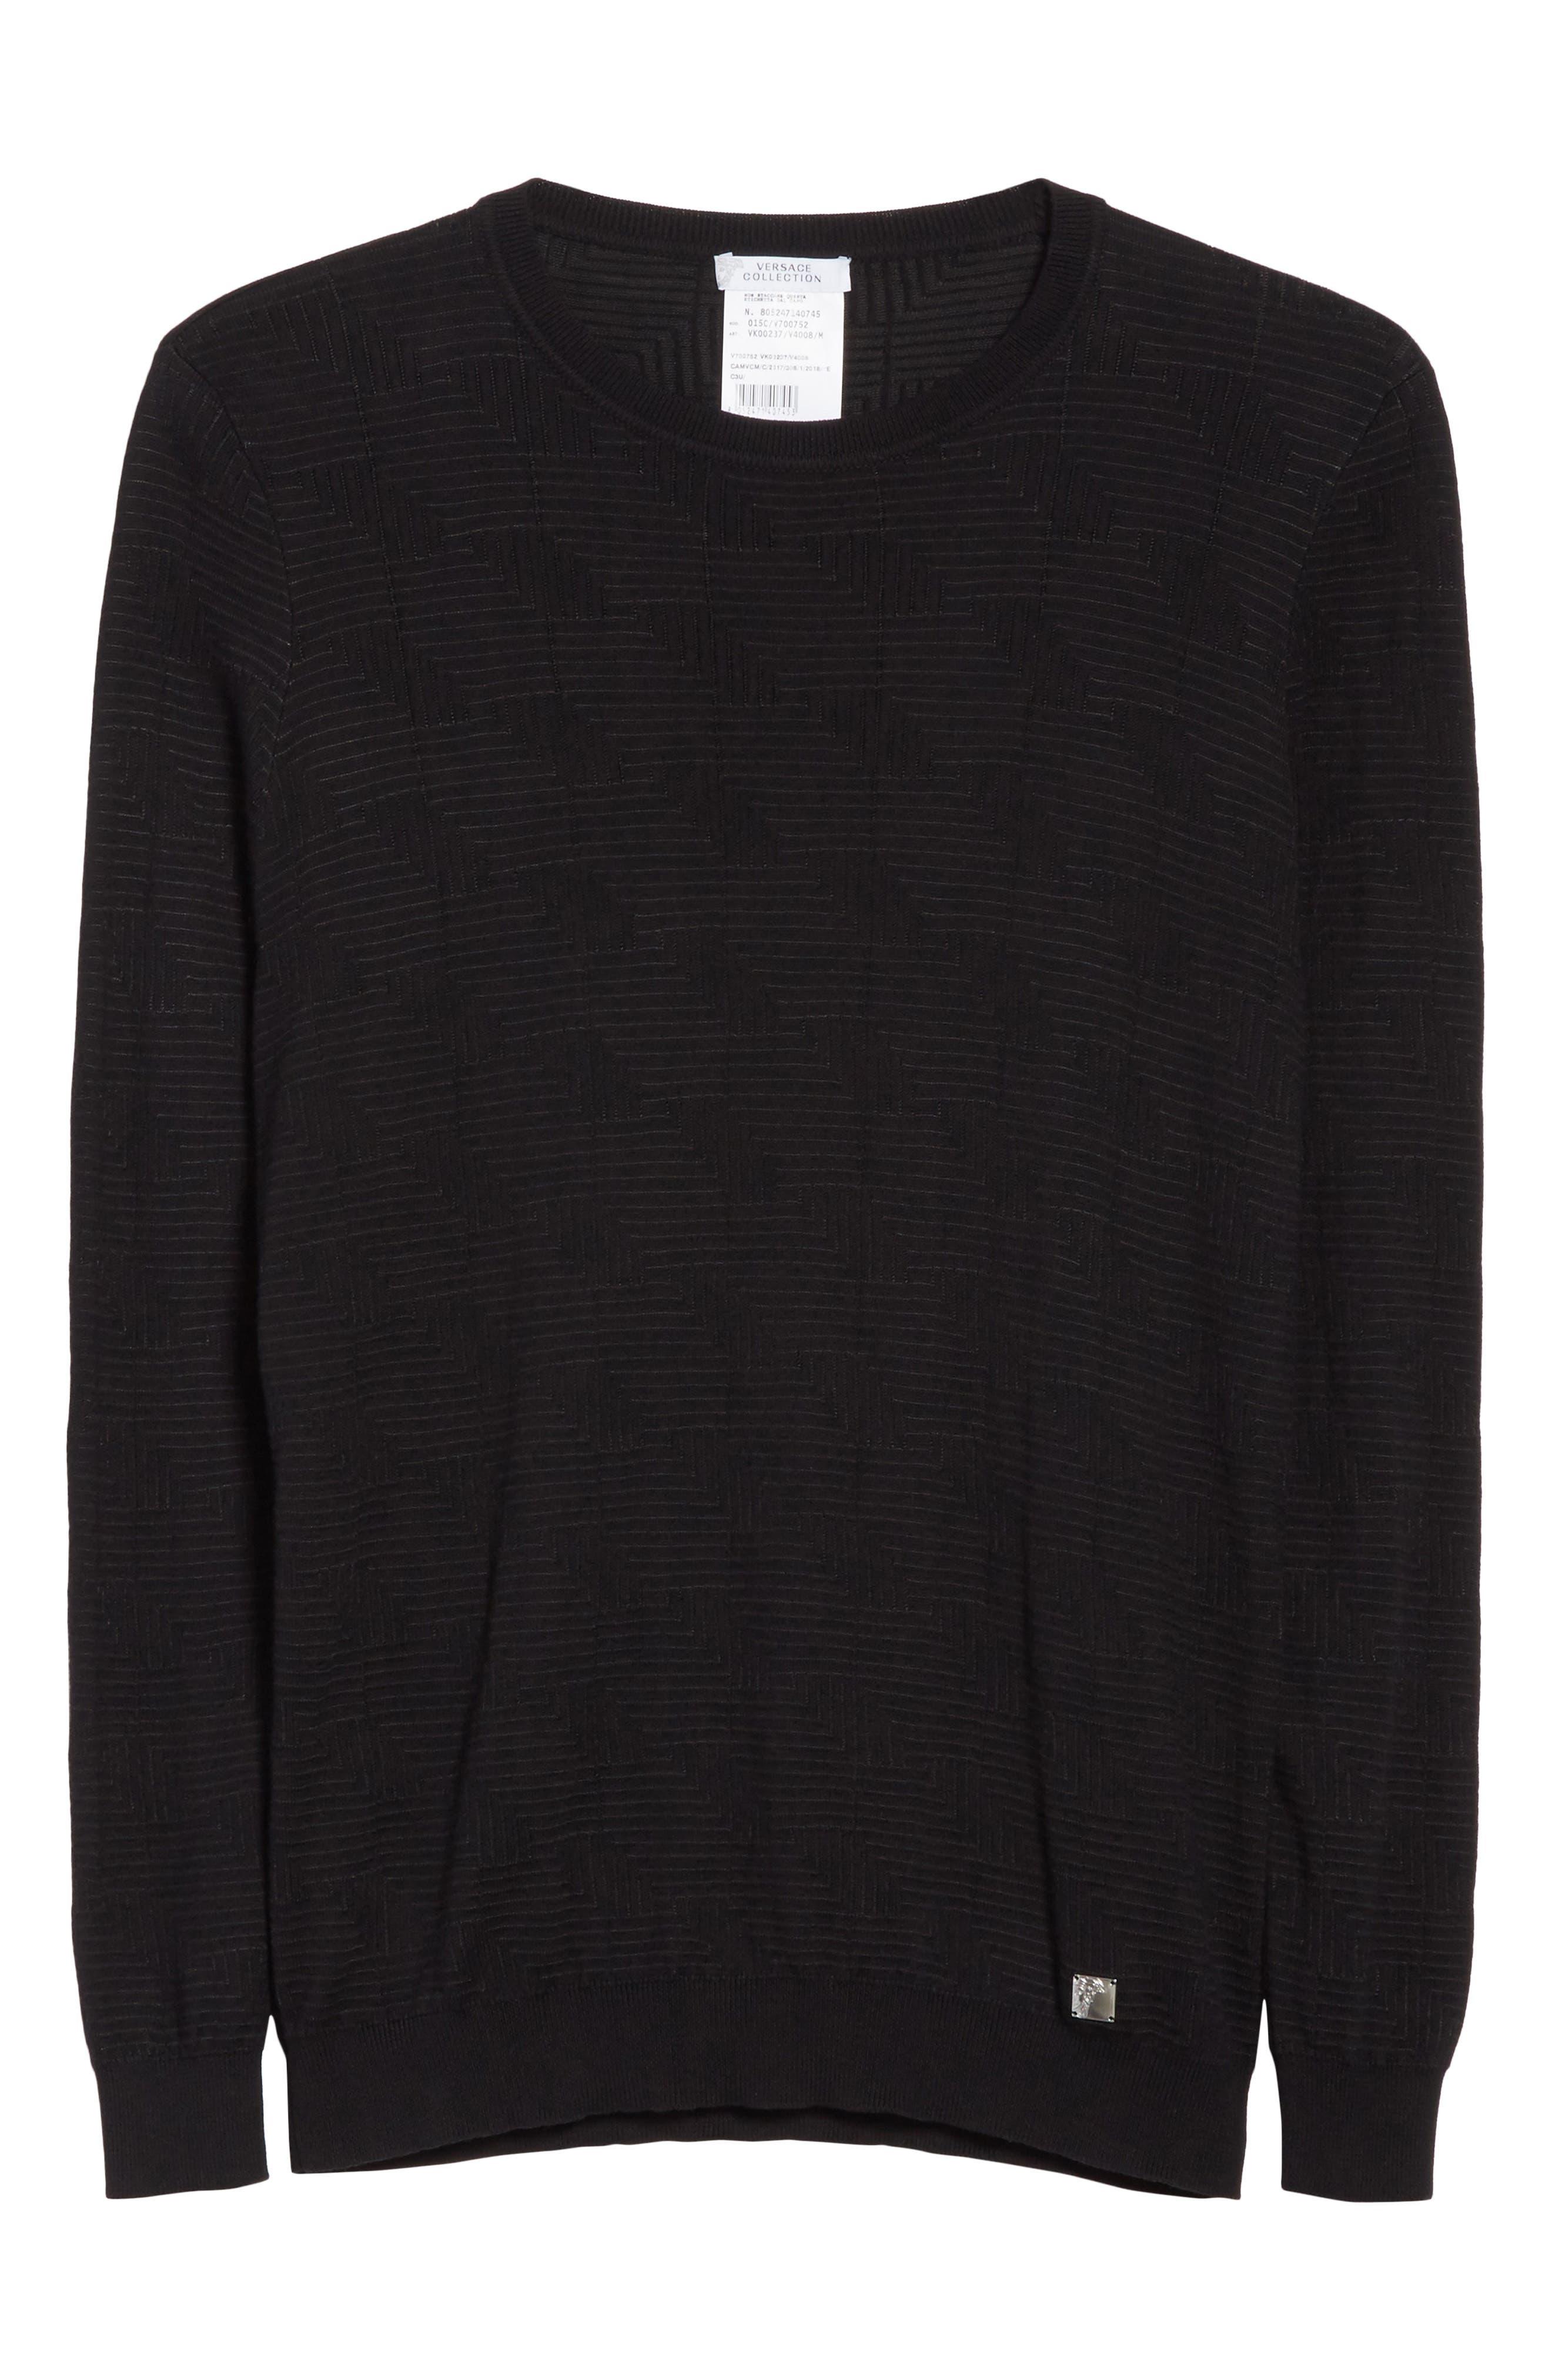 Frame Jacquard Sweater,                             Alternate thumbnail 6, color,                             Black